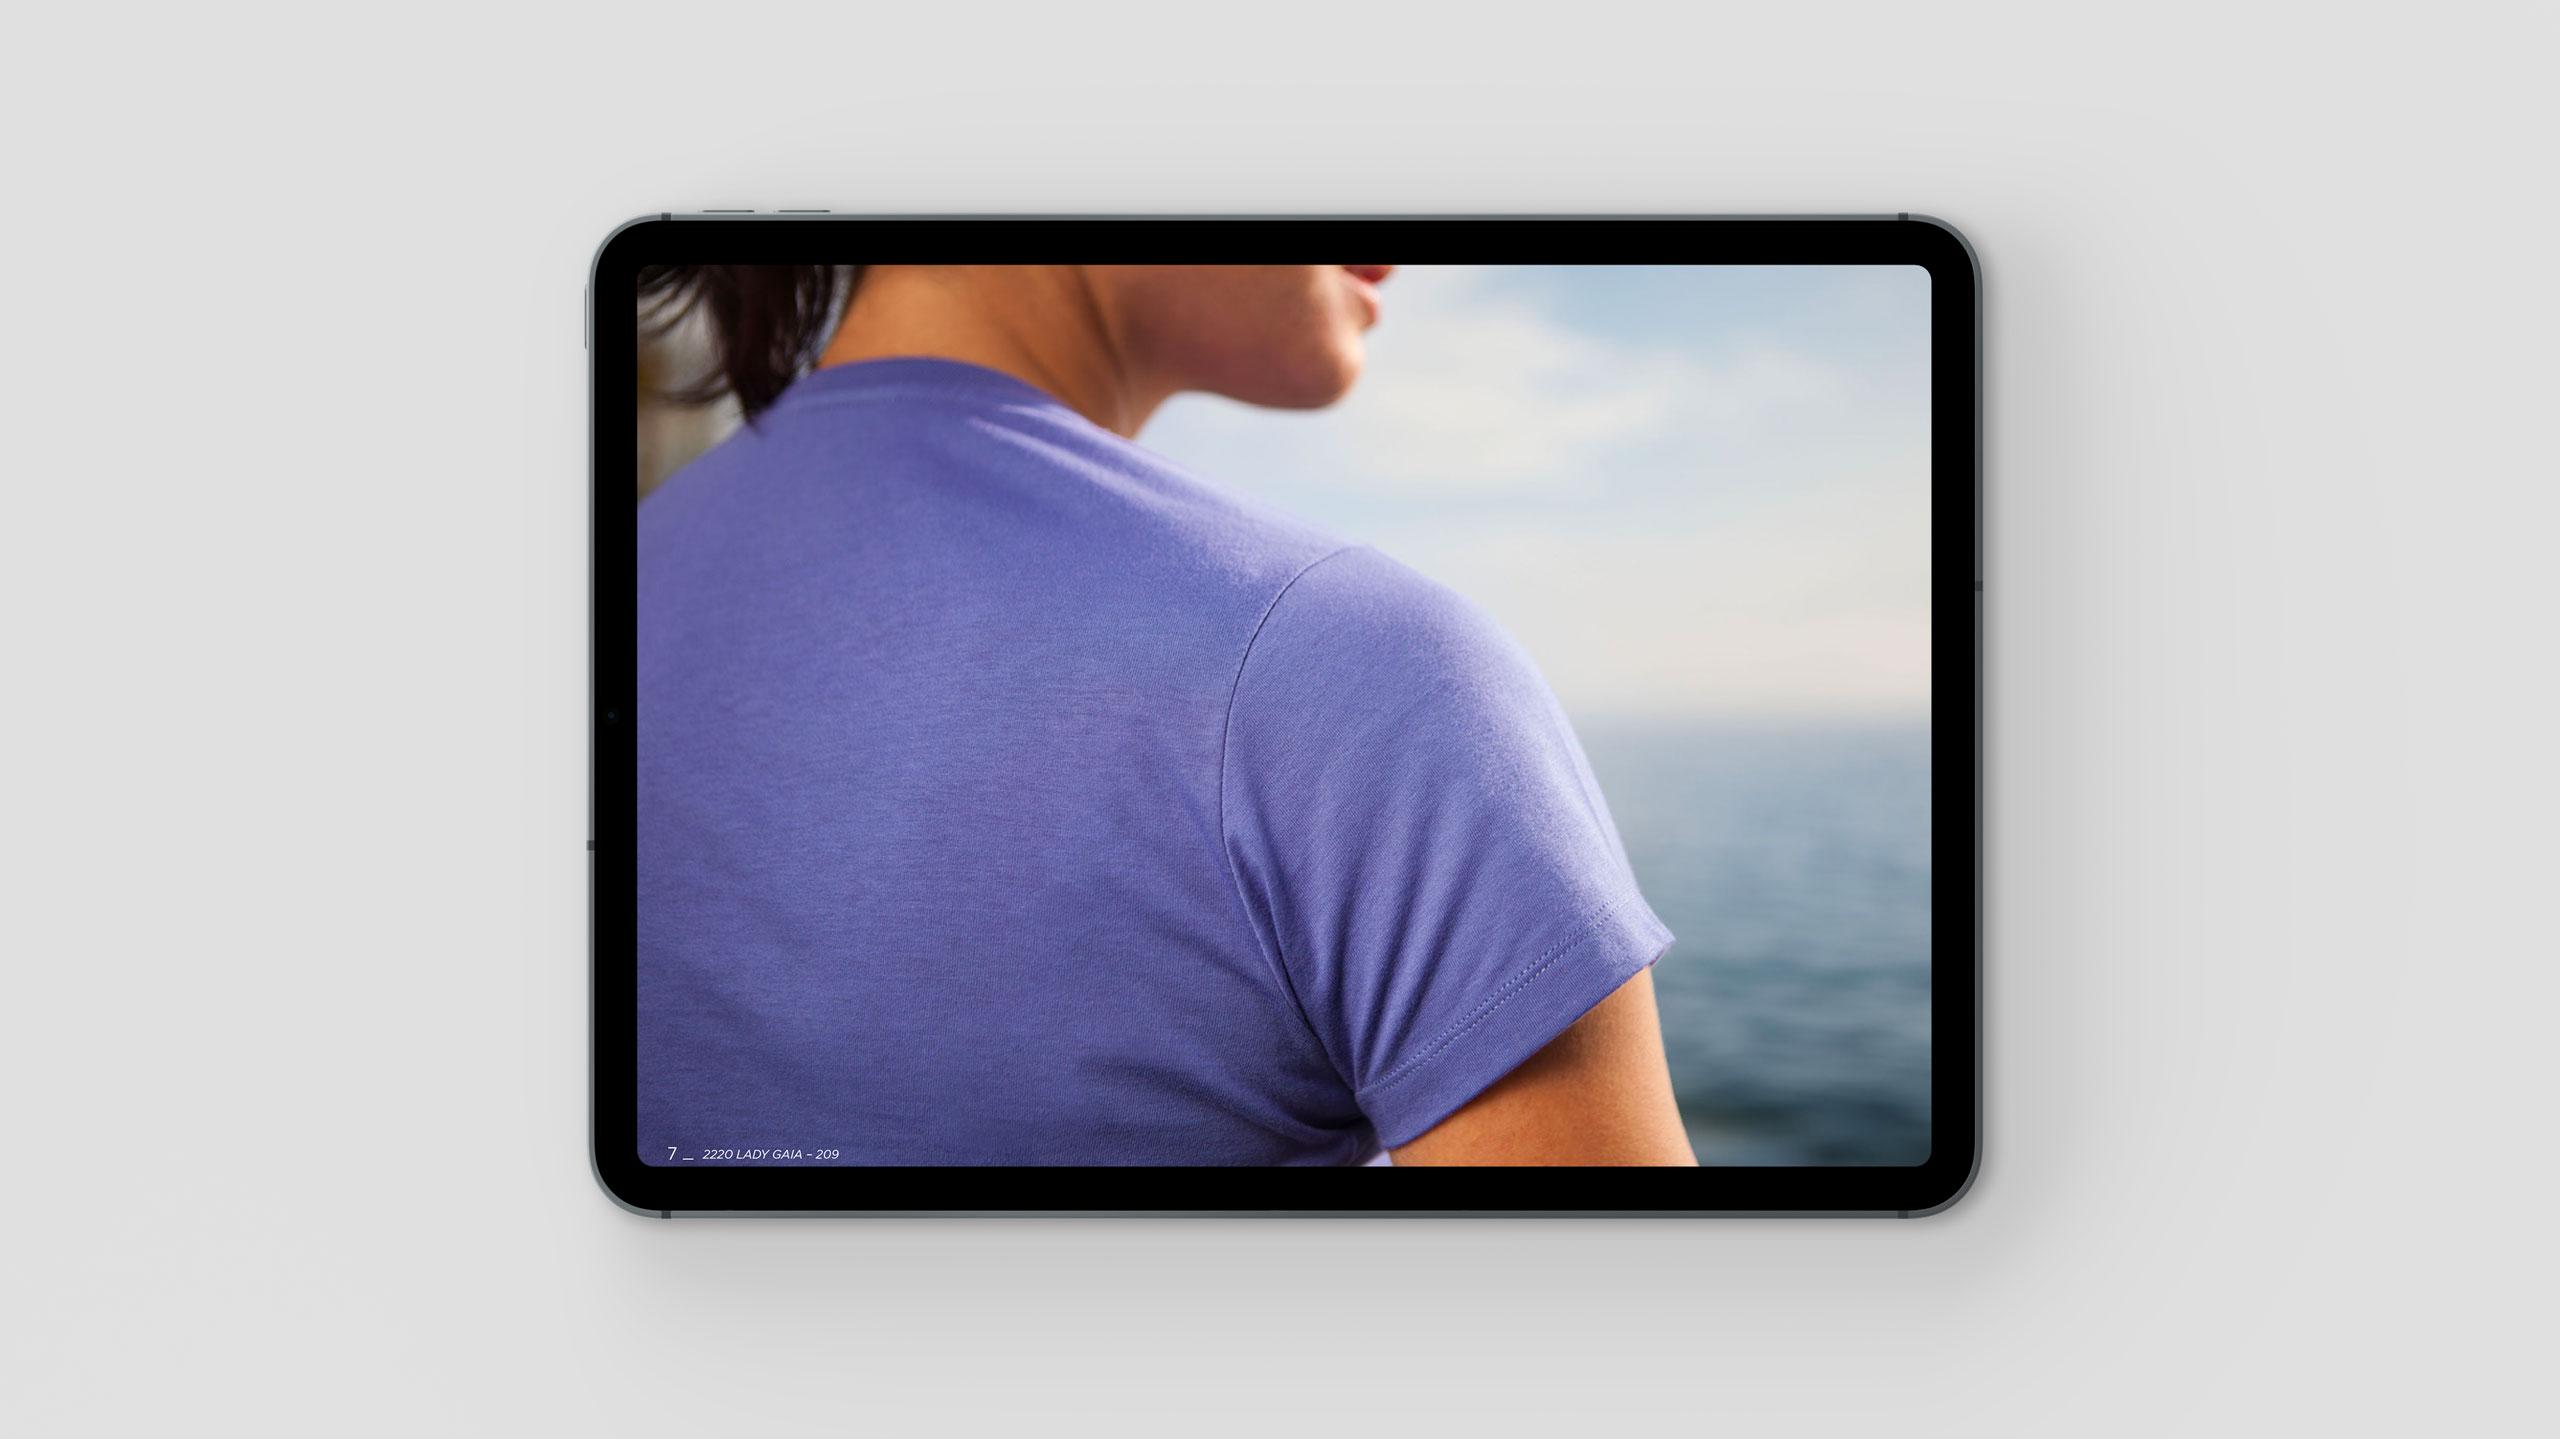 switcher_iPadCat_2560px_06